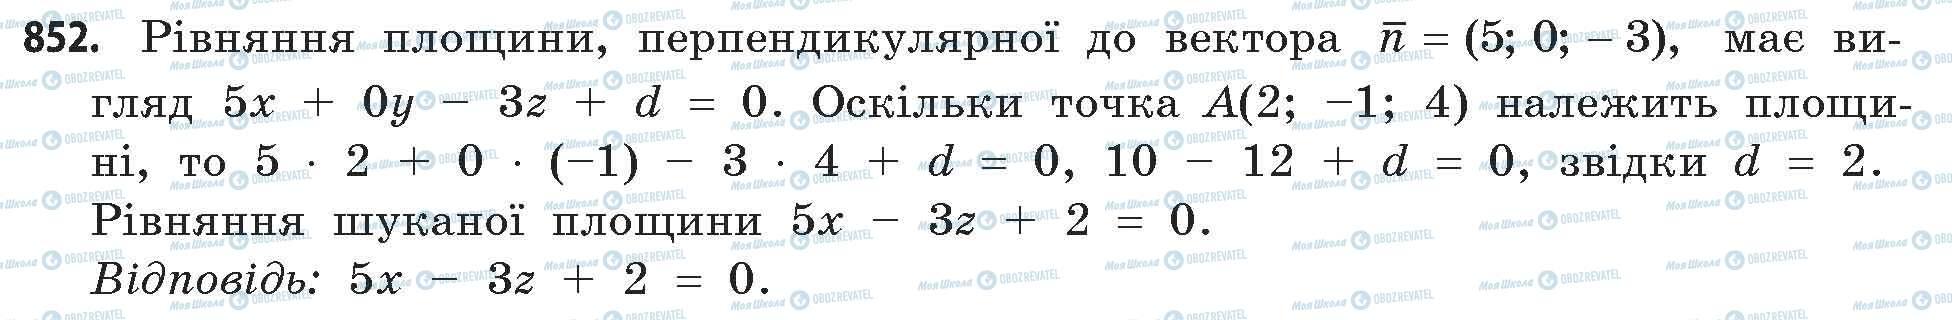 ГДЗ Математика 11 класс страница 852